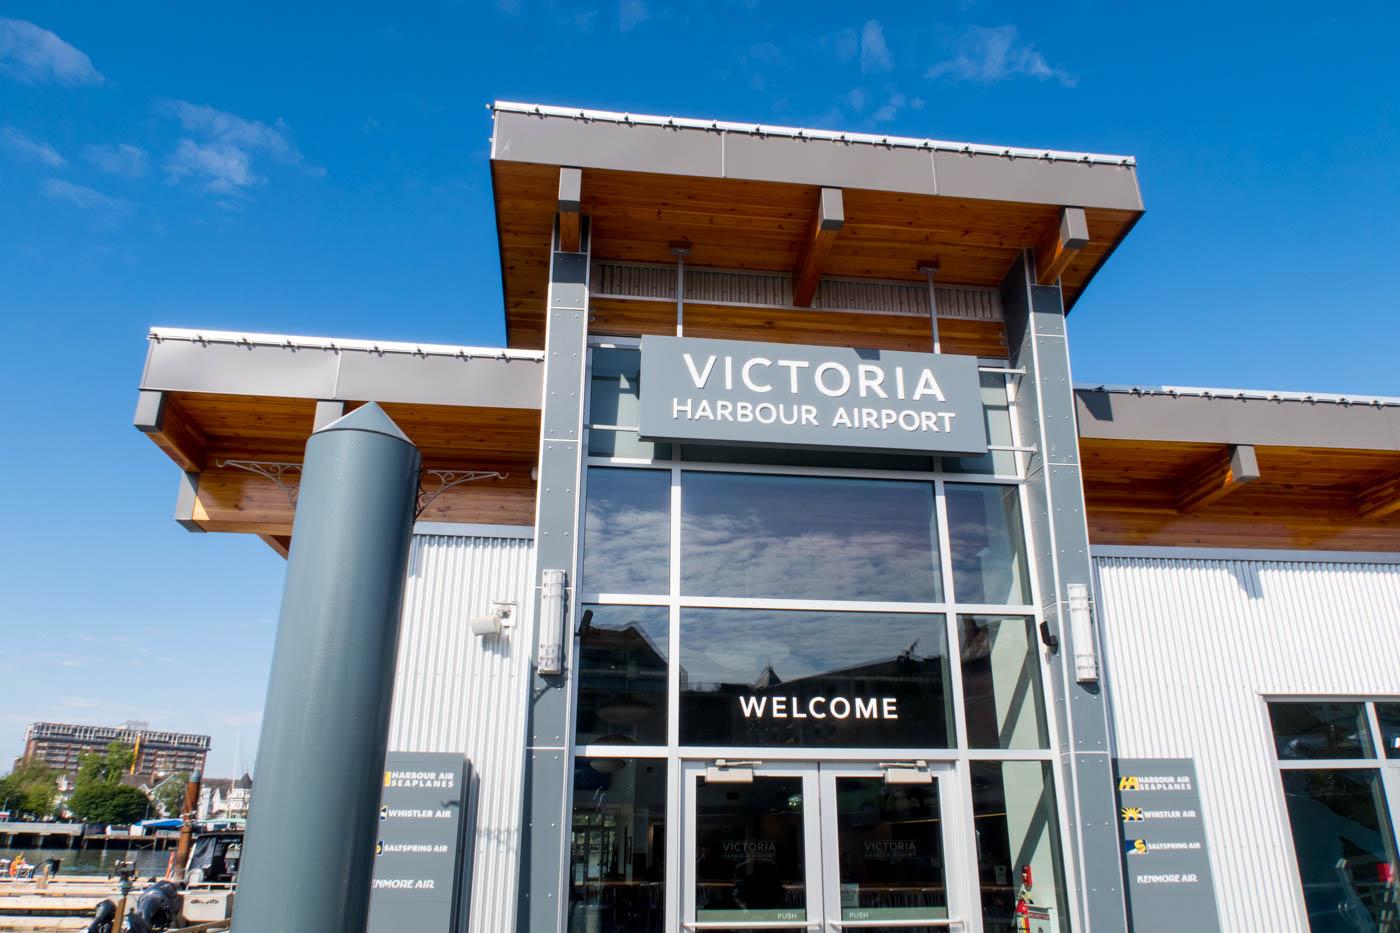 Victoria Harbour Airport